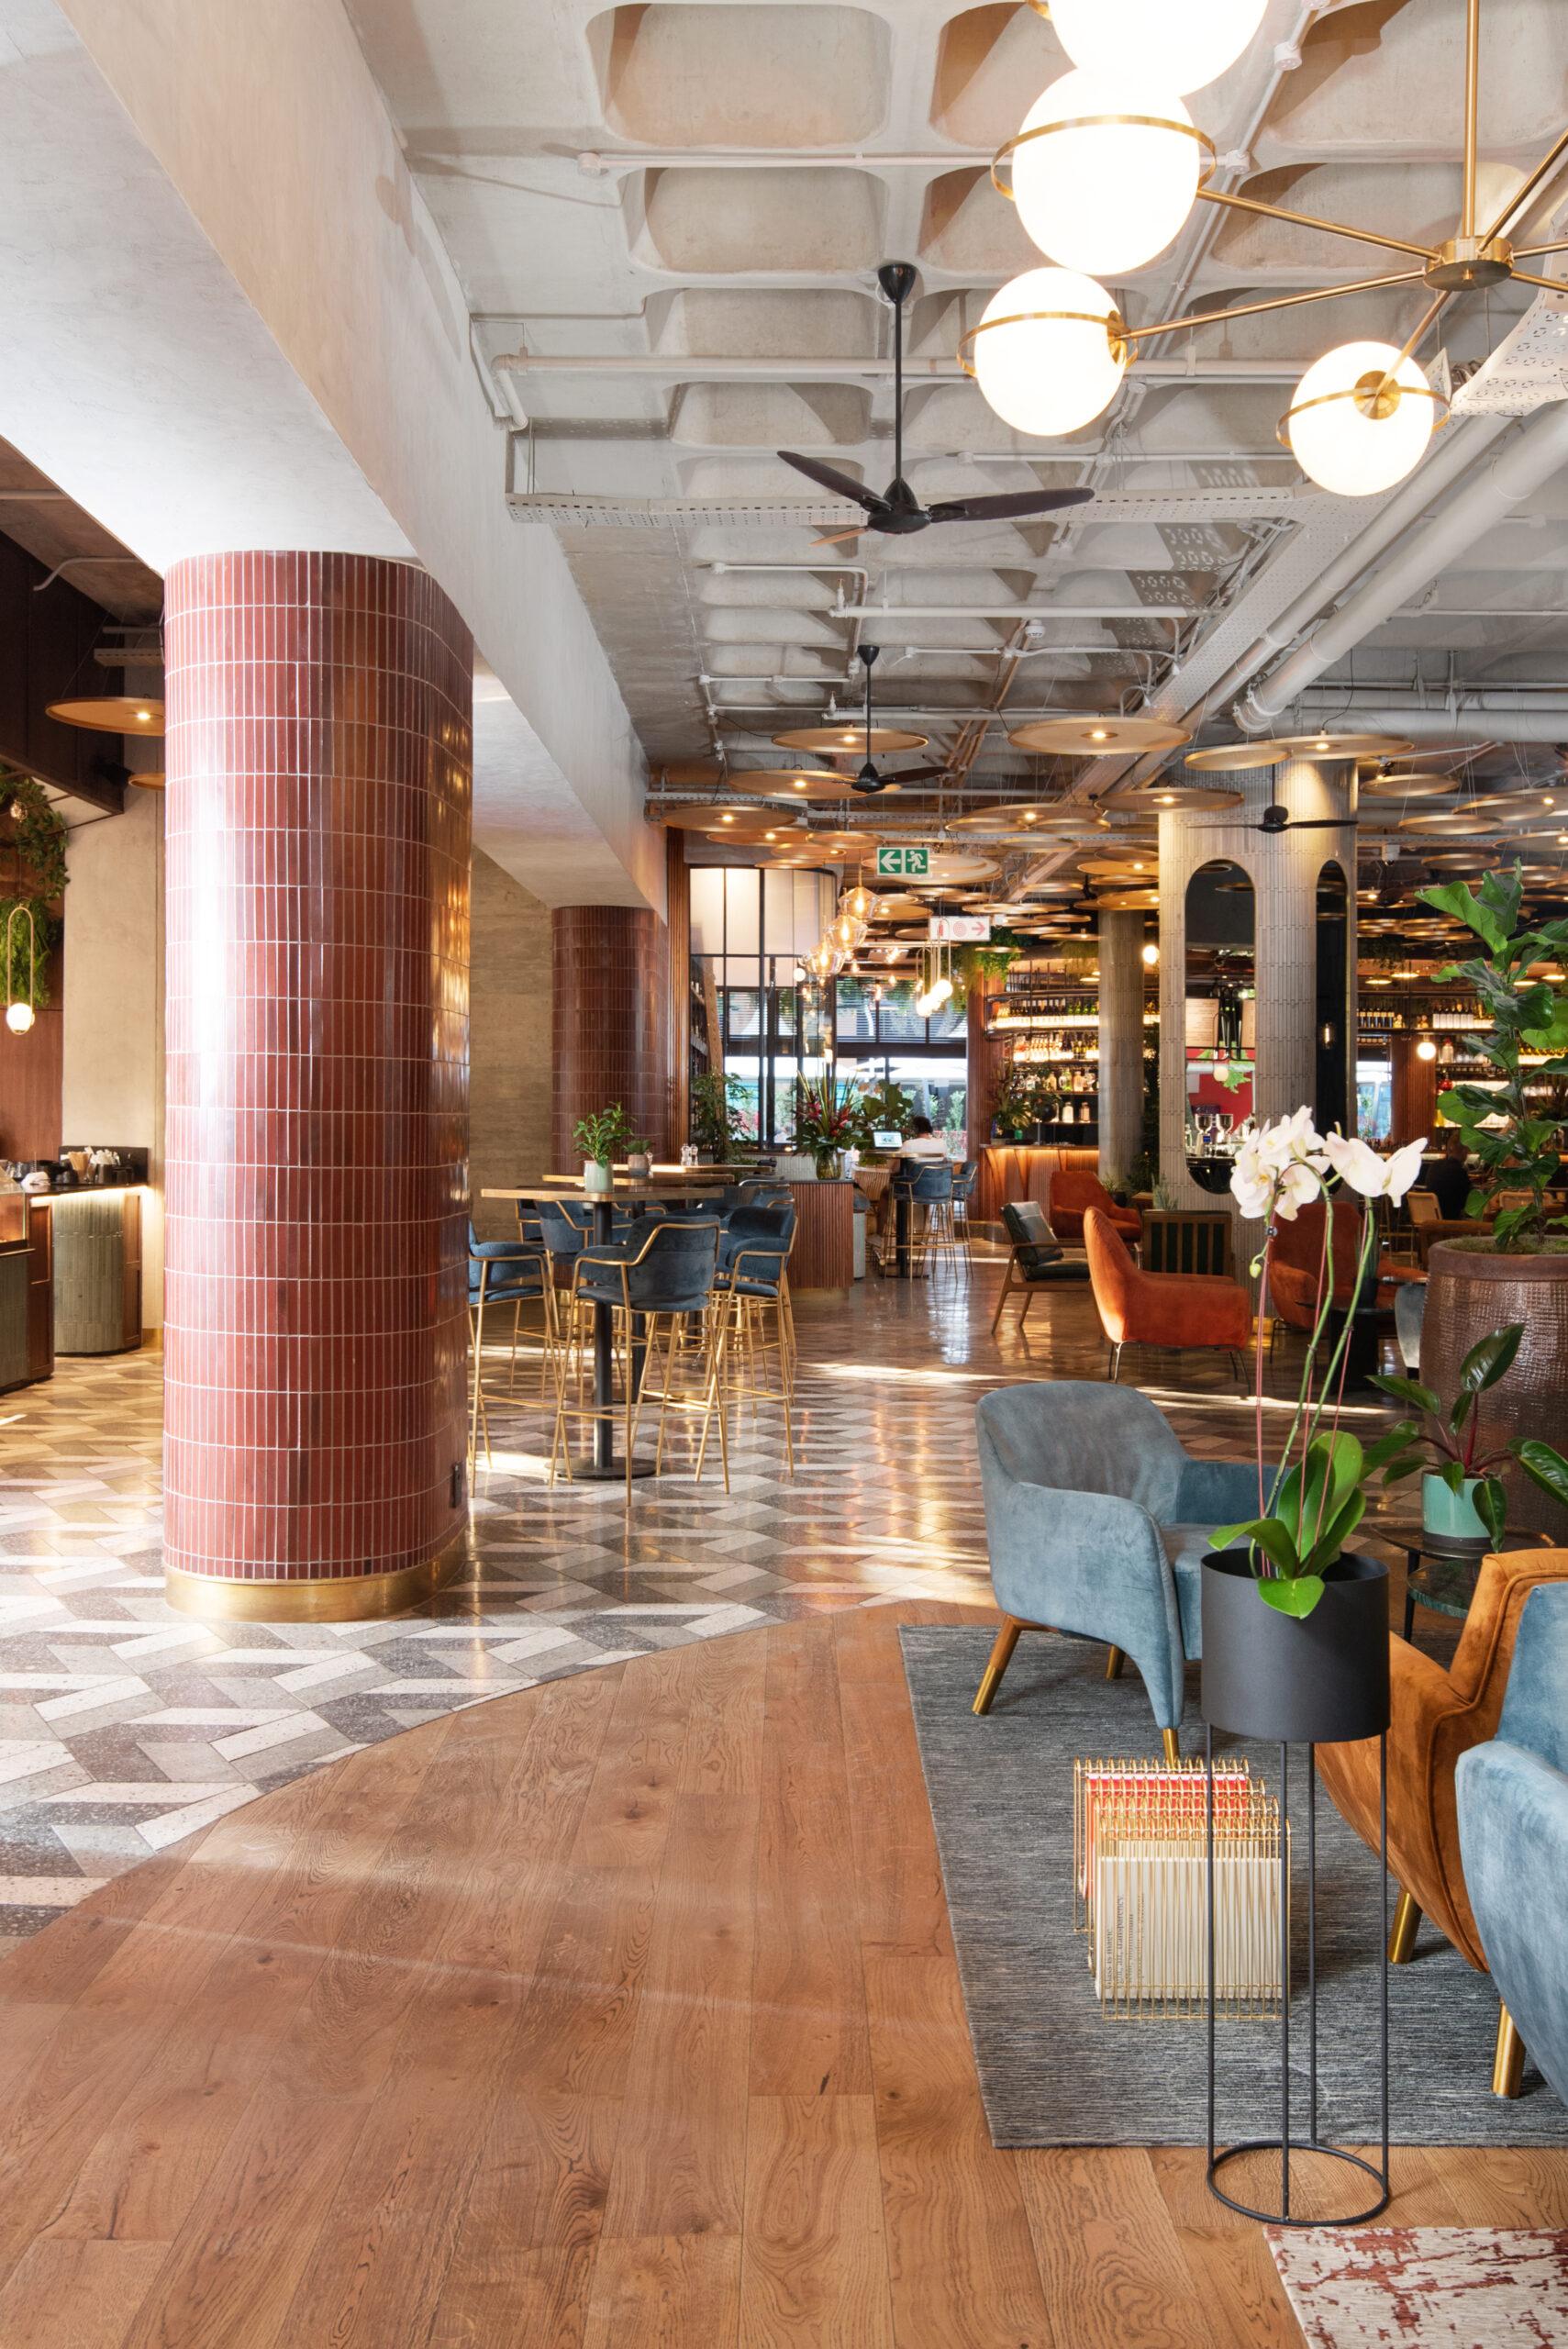 imbewu-design-the-bank-hotel-lobby-10